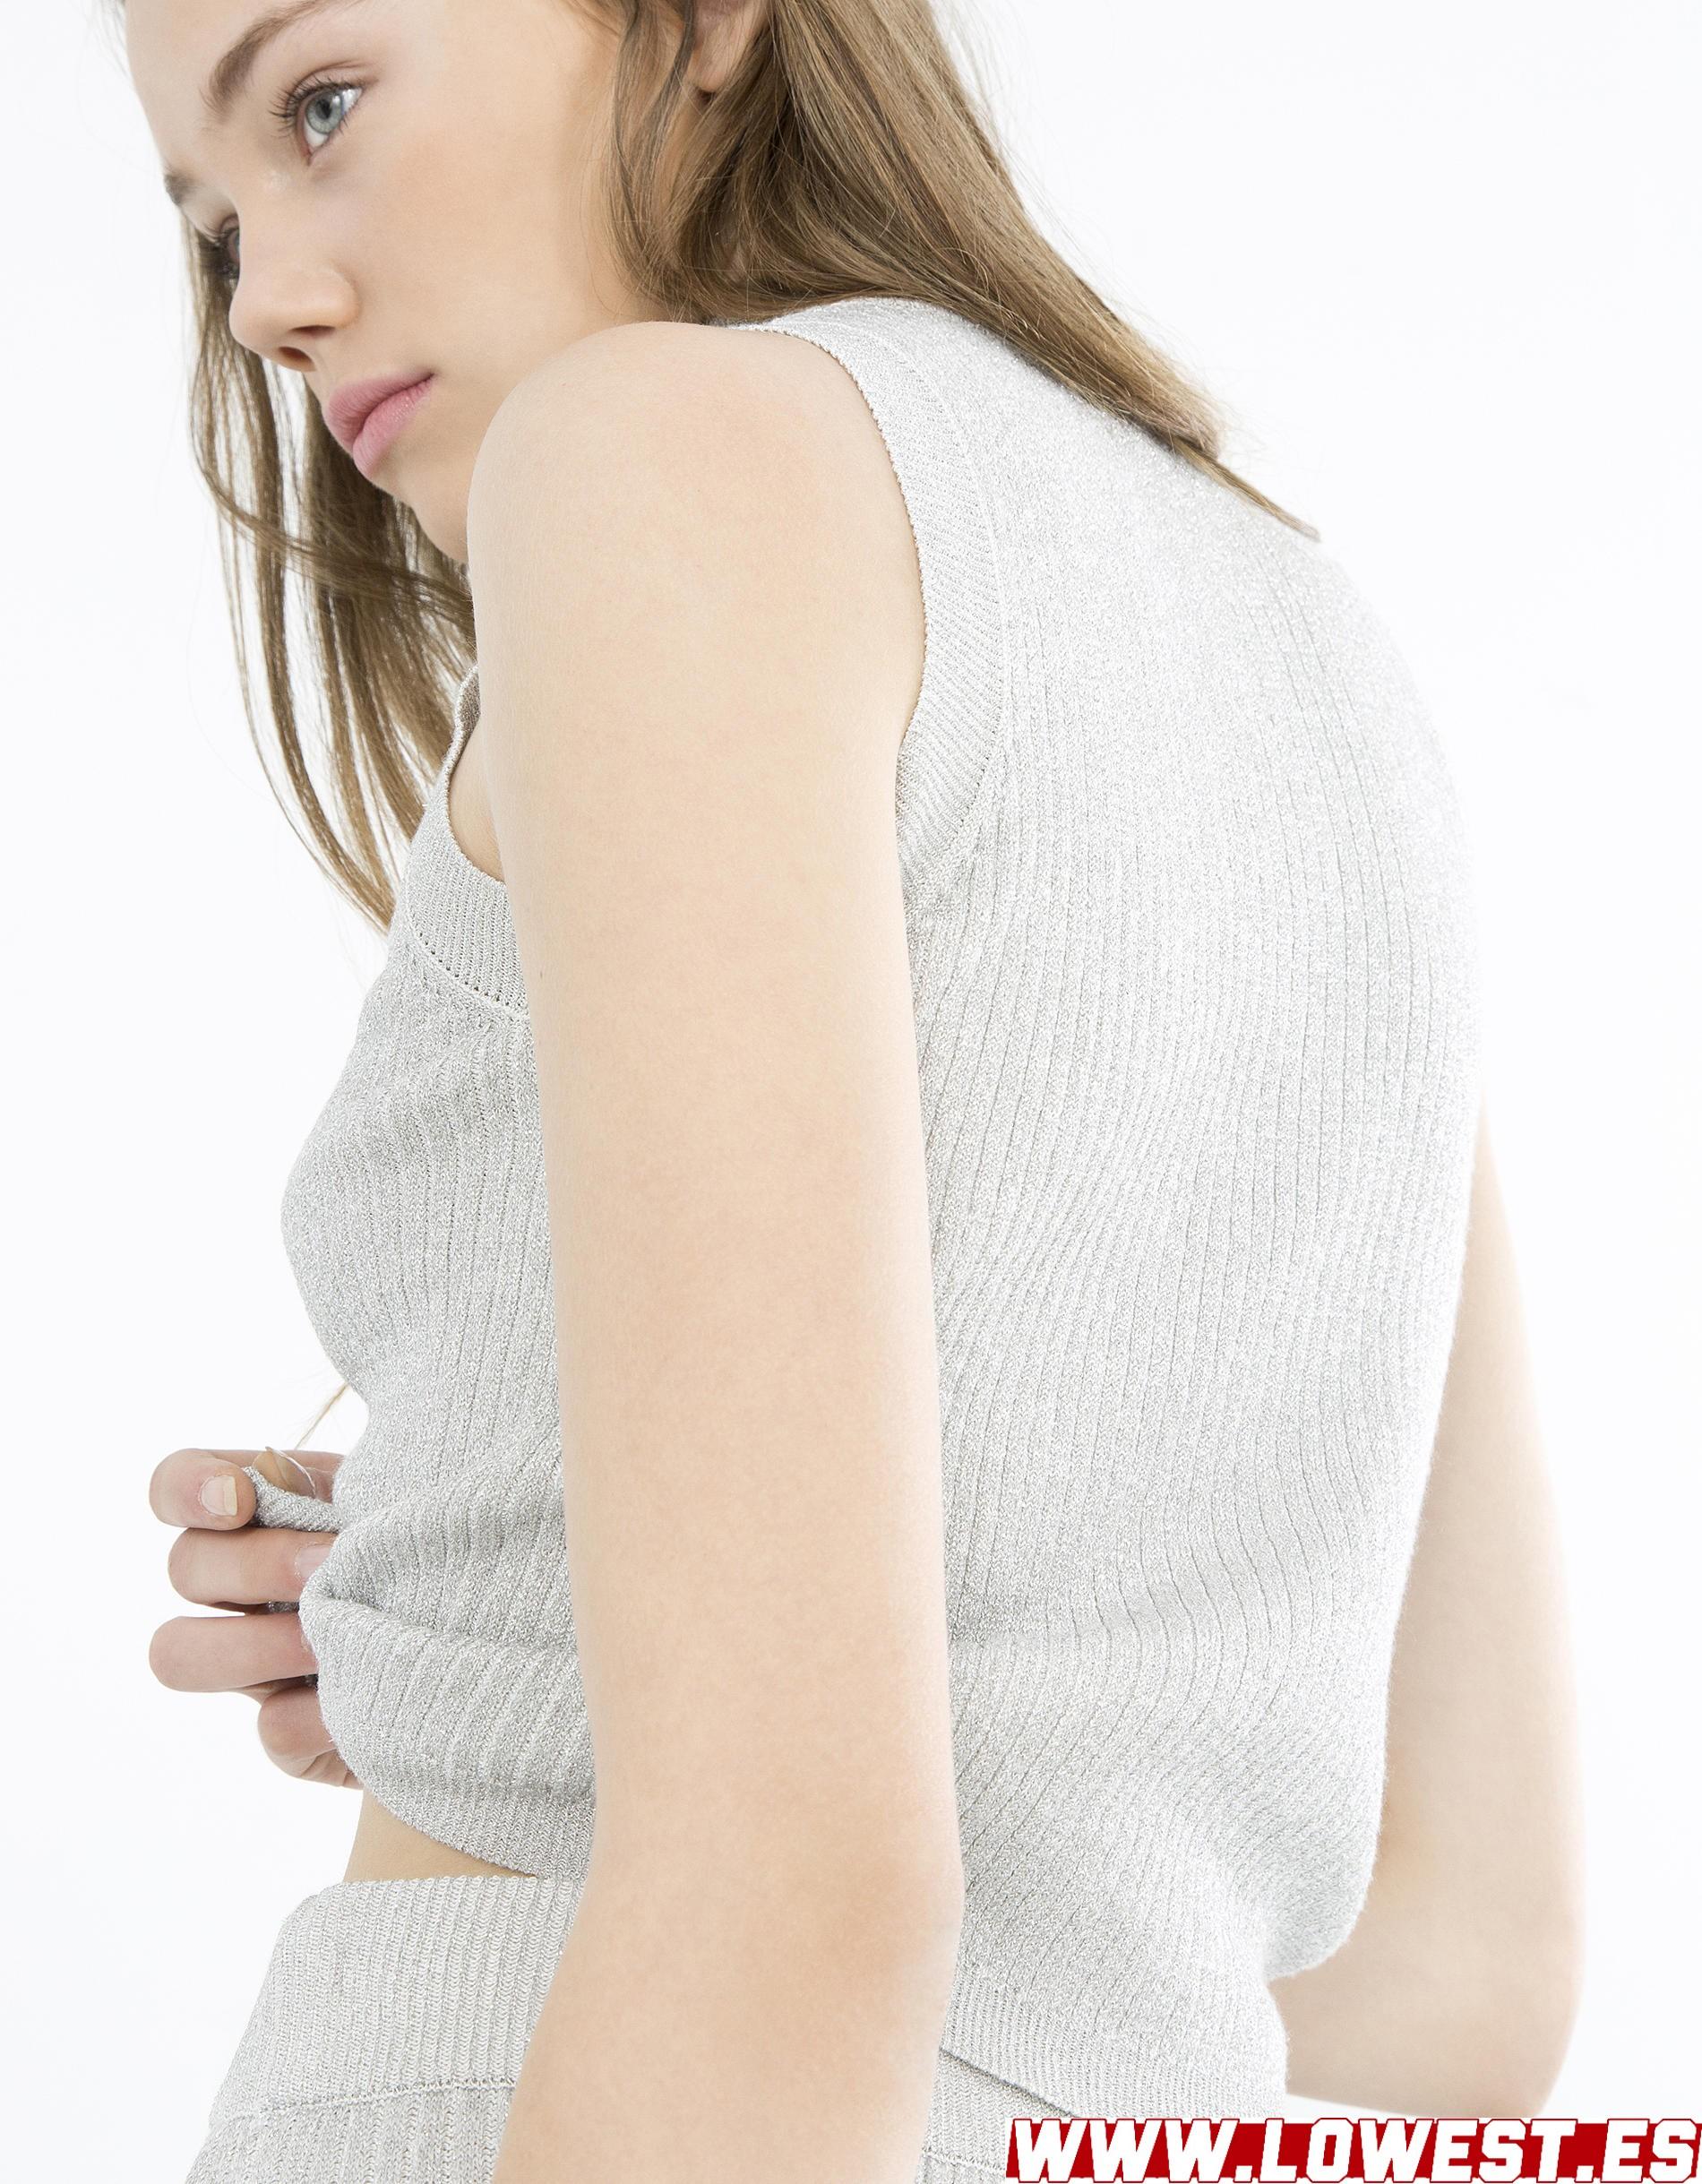 donde comprar ropa para vender Lowest vestidos verano 2019 2020